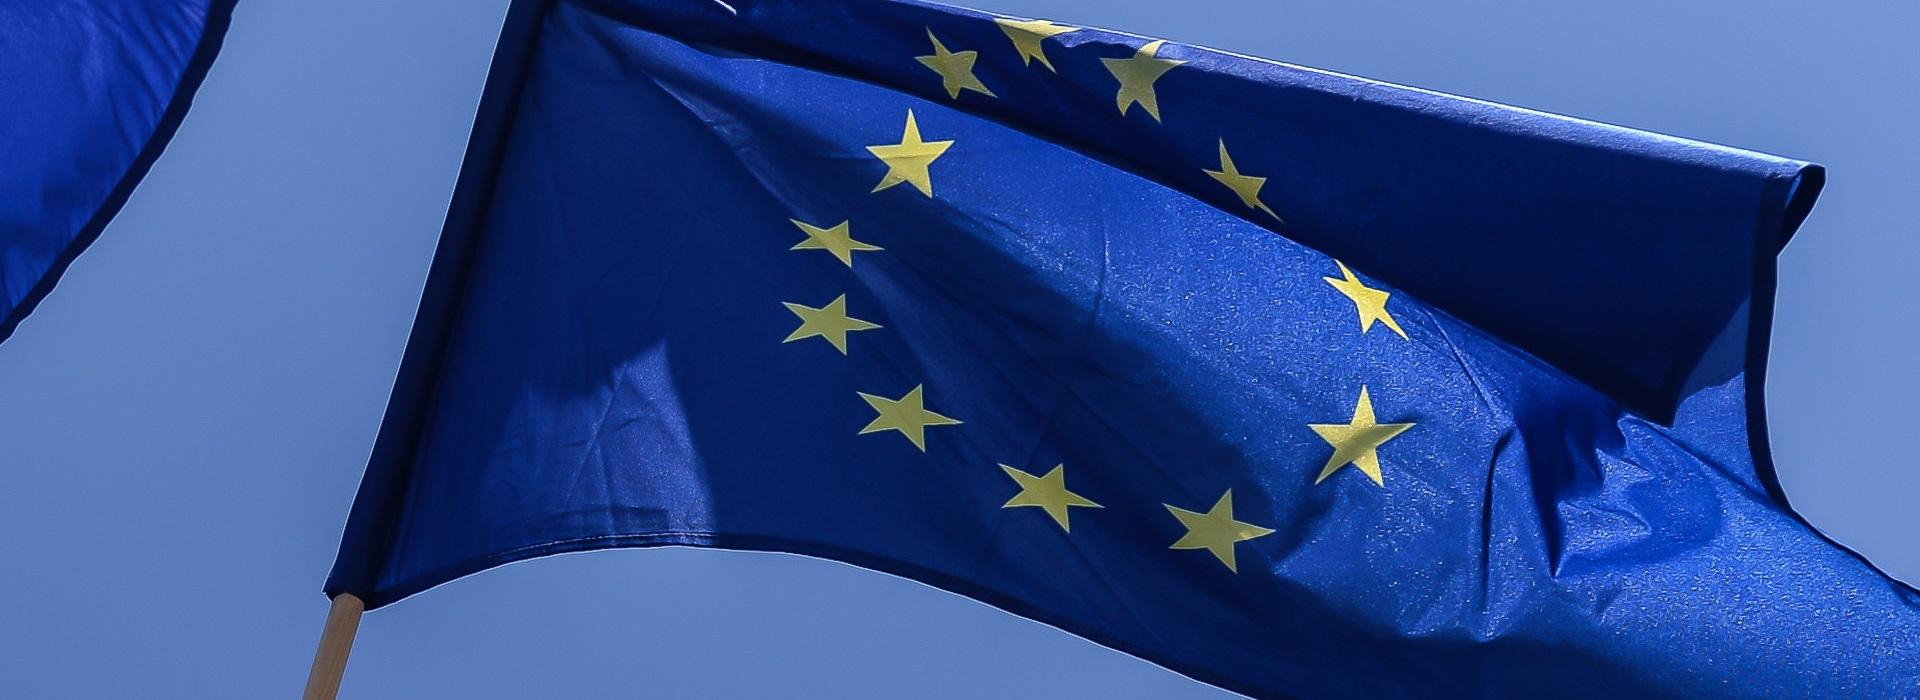 """Polska i Węgry na europejskim """"dywaniku"""". Na następnej Radzie UE znów dyskusja"""